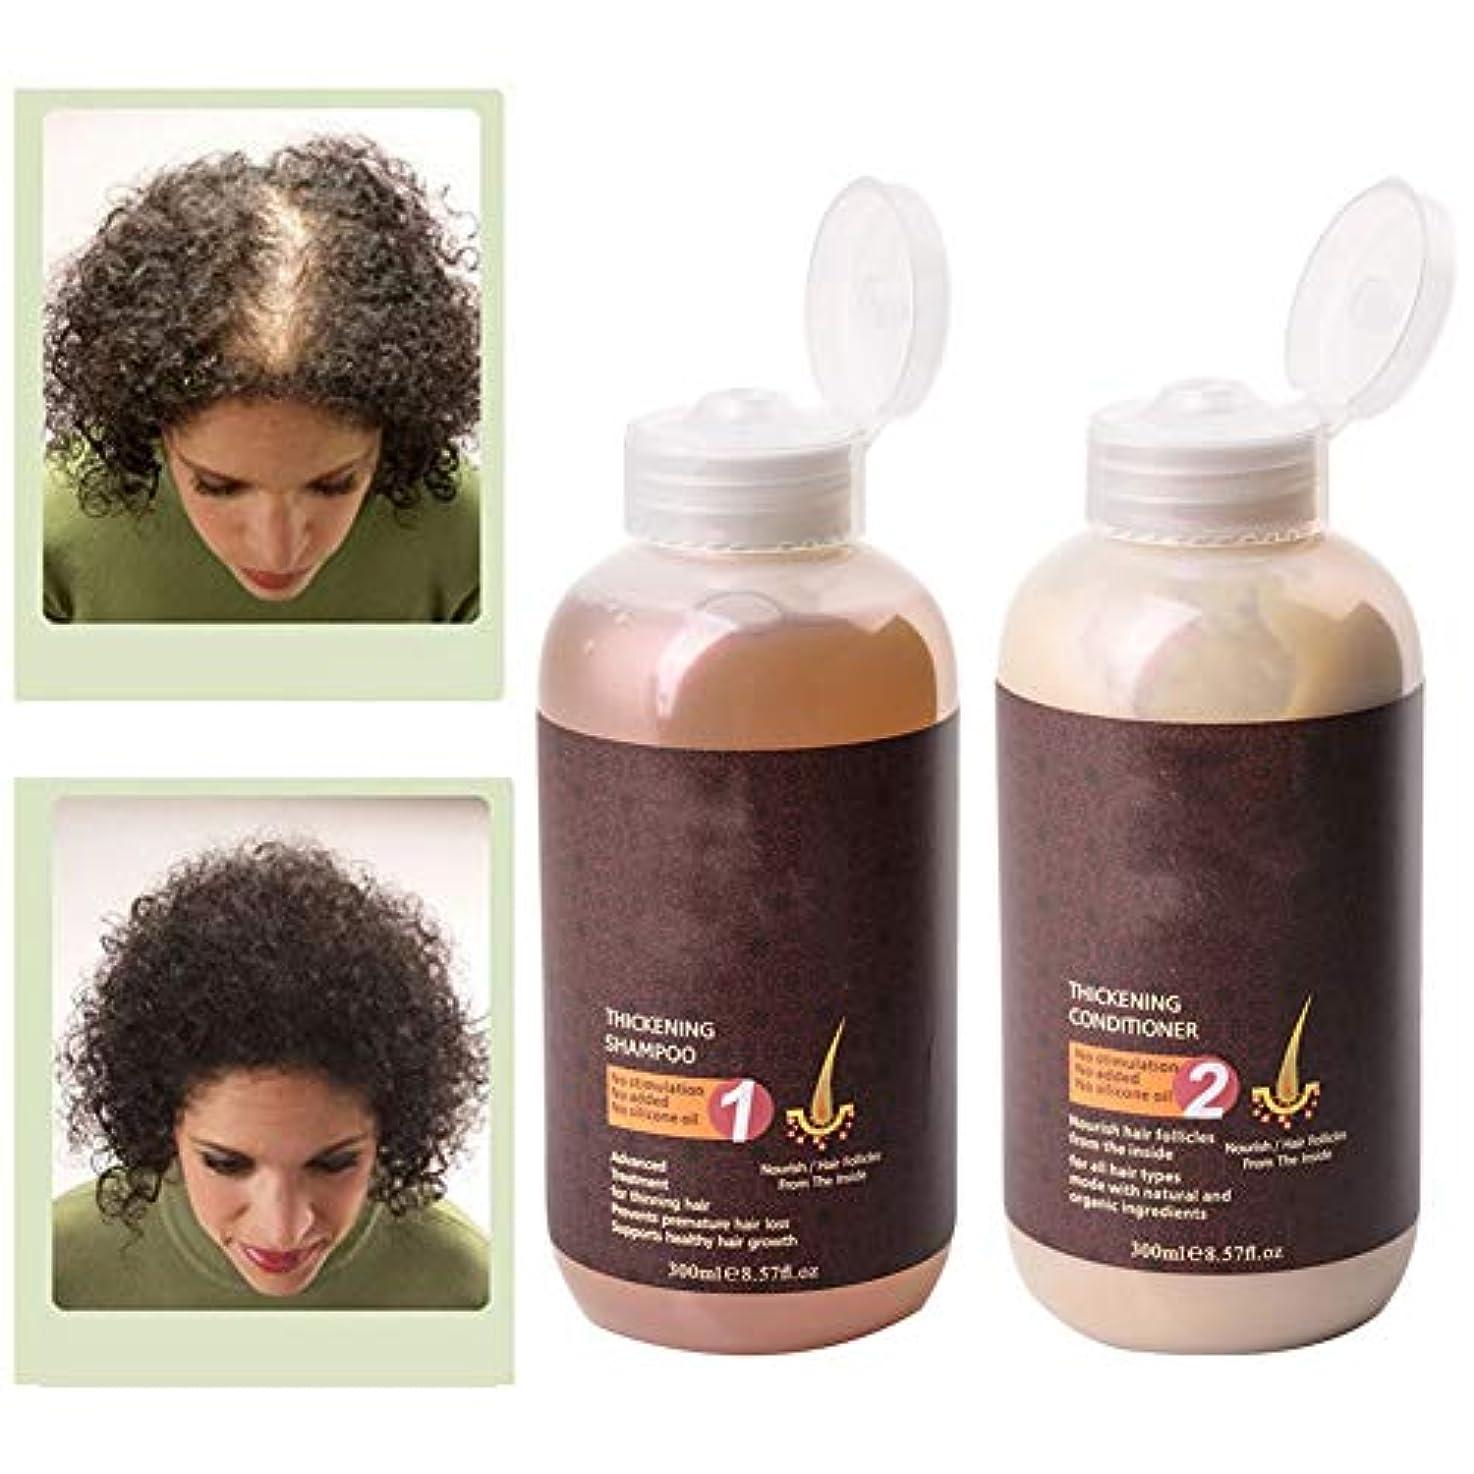 有害マーチャンダイザーにんじんシャンプーコンディショナーセット生姜成長髪300ミリリットル+ 300ミリリットル明確にするシャンプー栄養深い修復増加光沢、水分補給、輝き、かゆみ頭皮ヘアケアキットを減らす